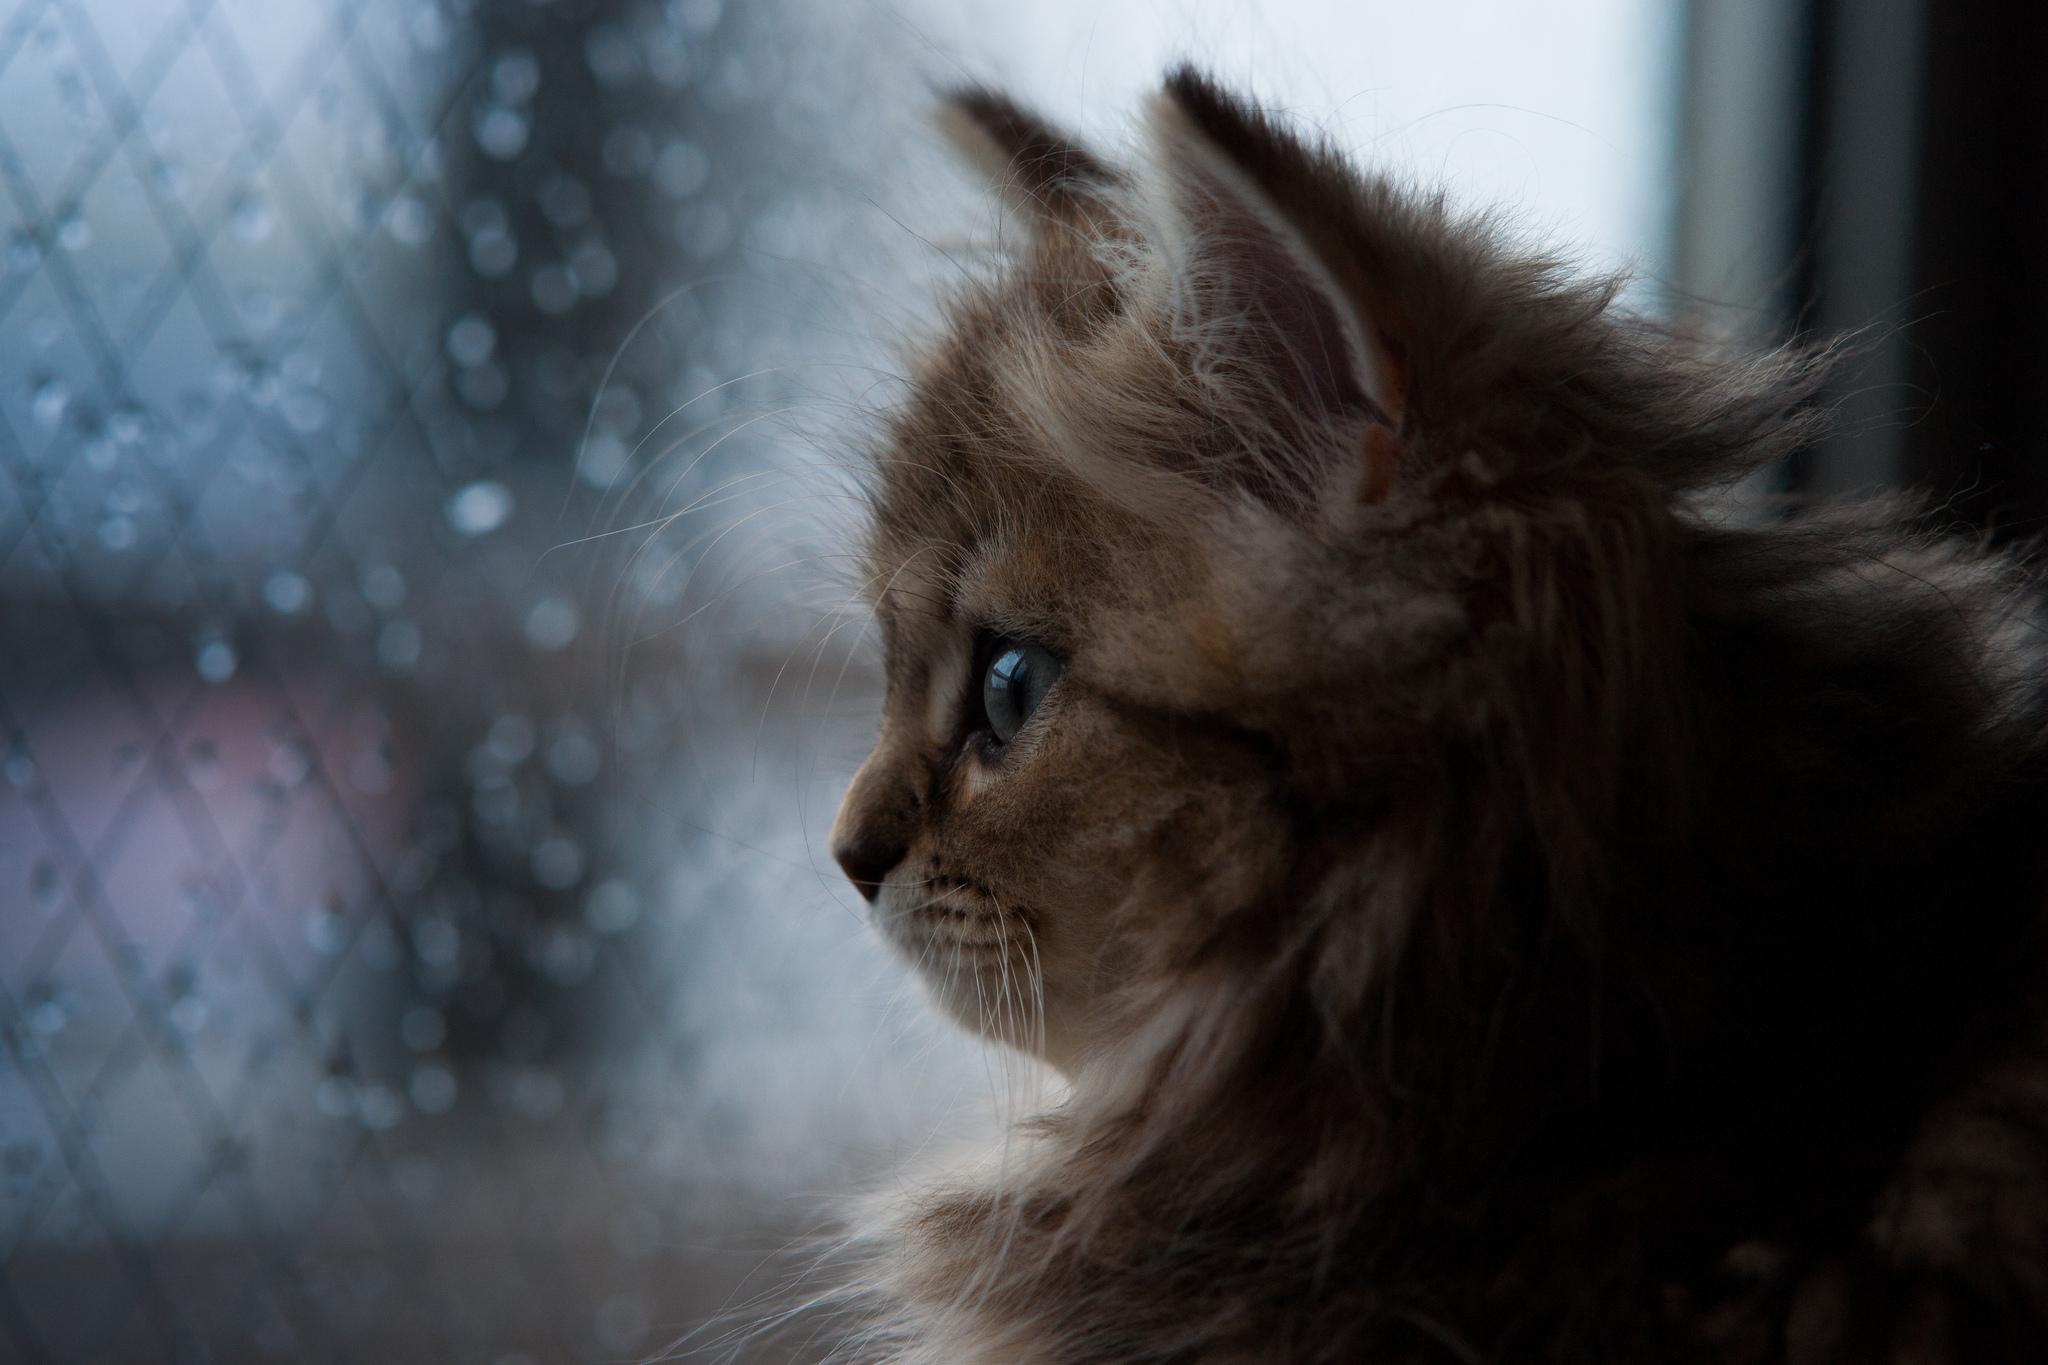 грустный кот дождь анимация без смс